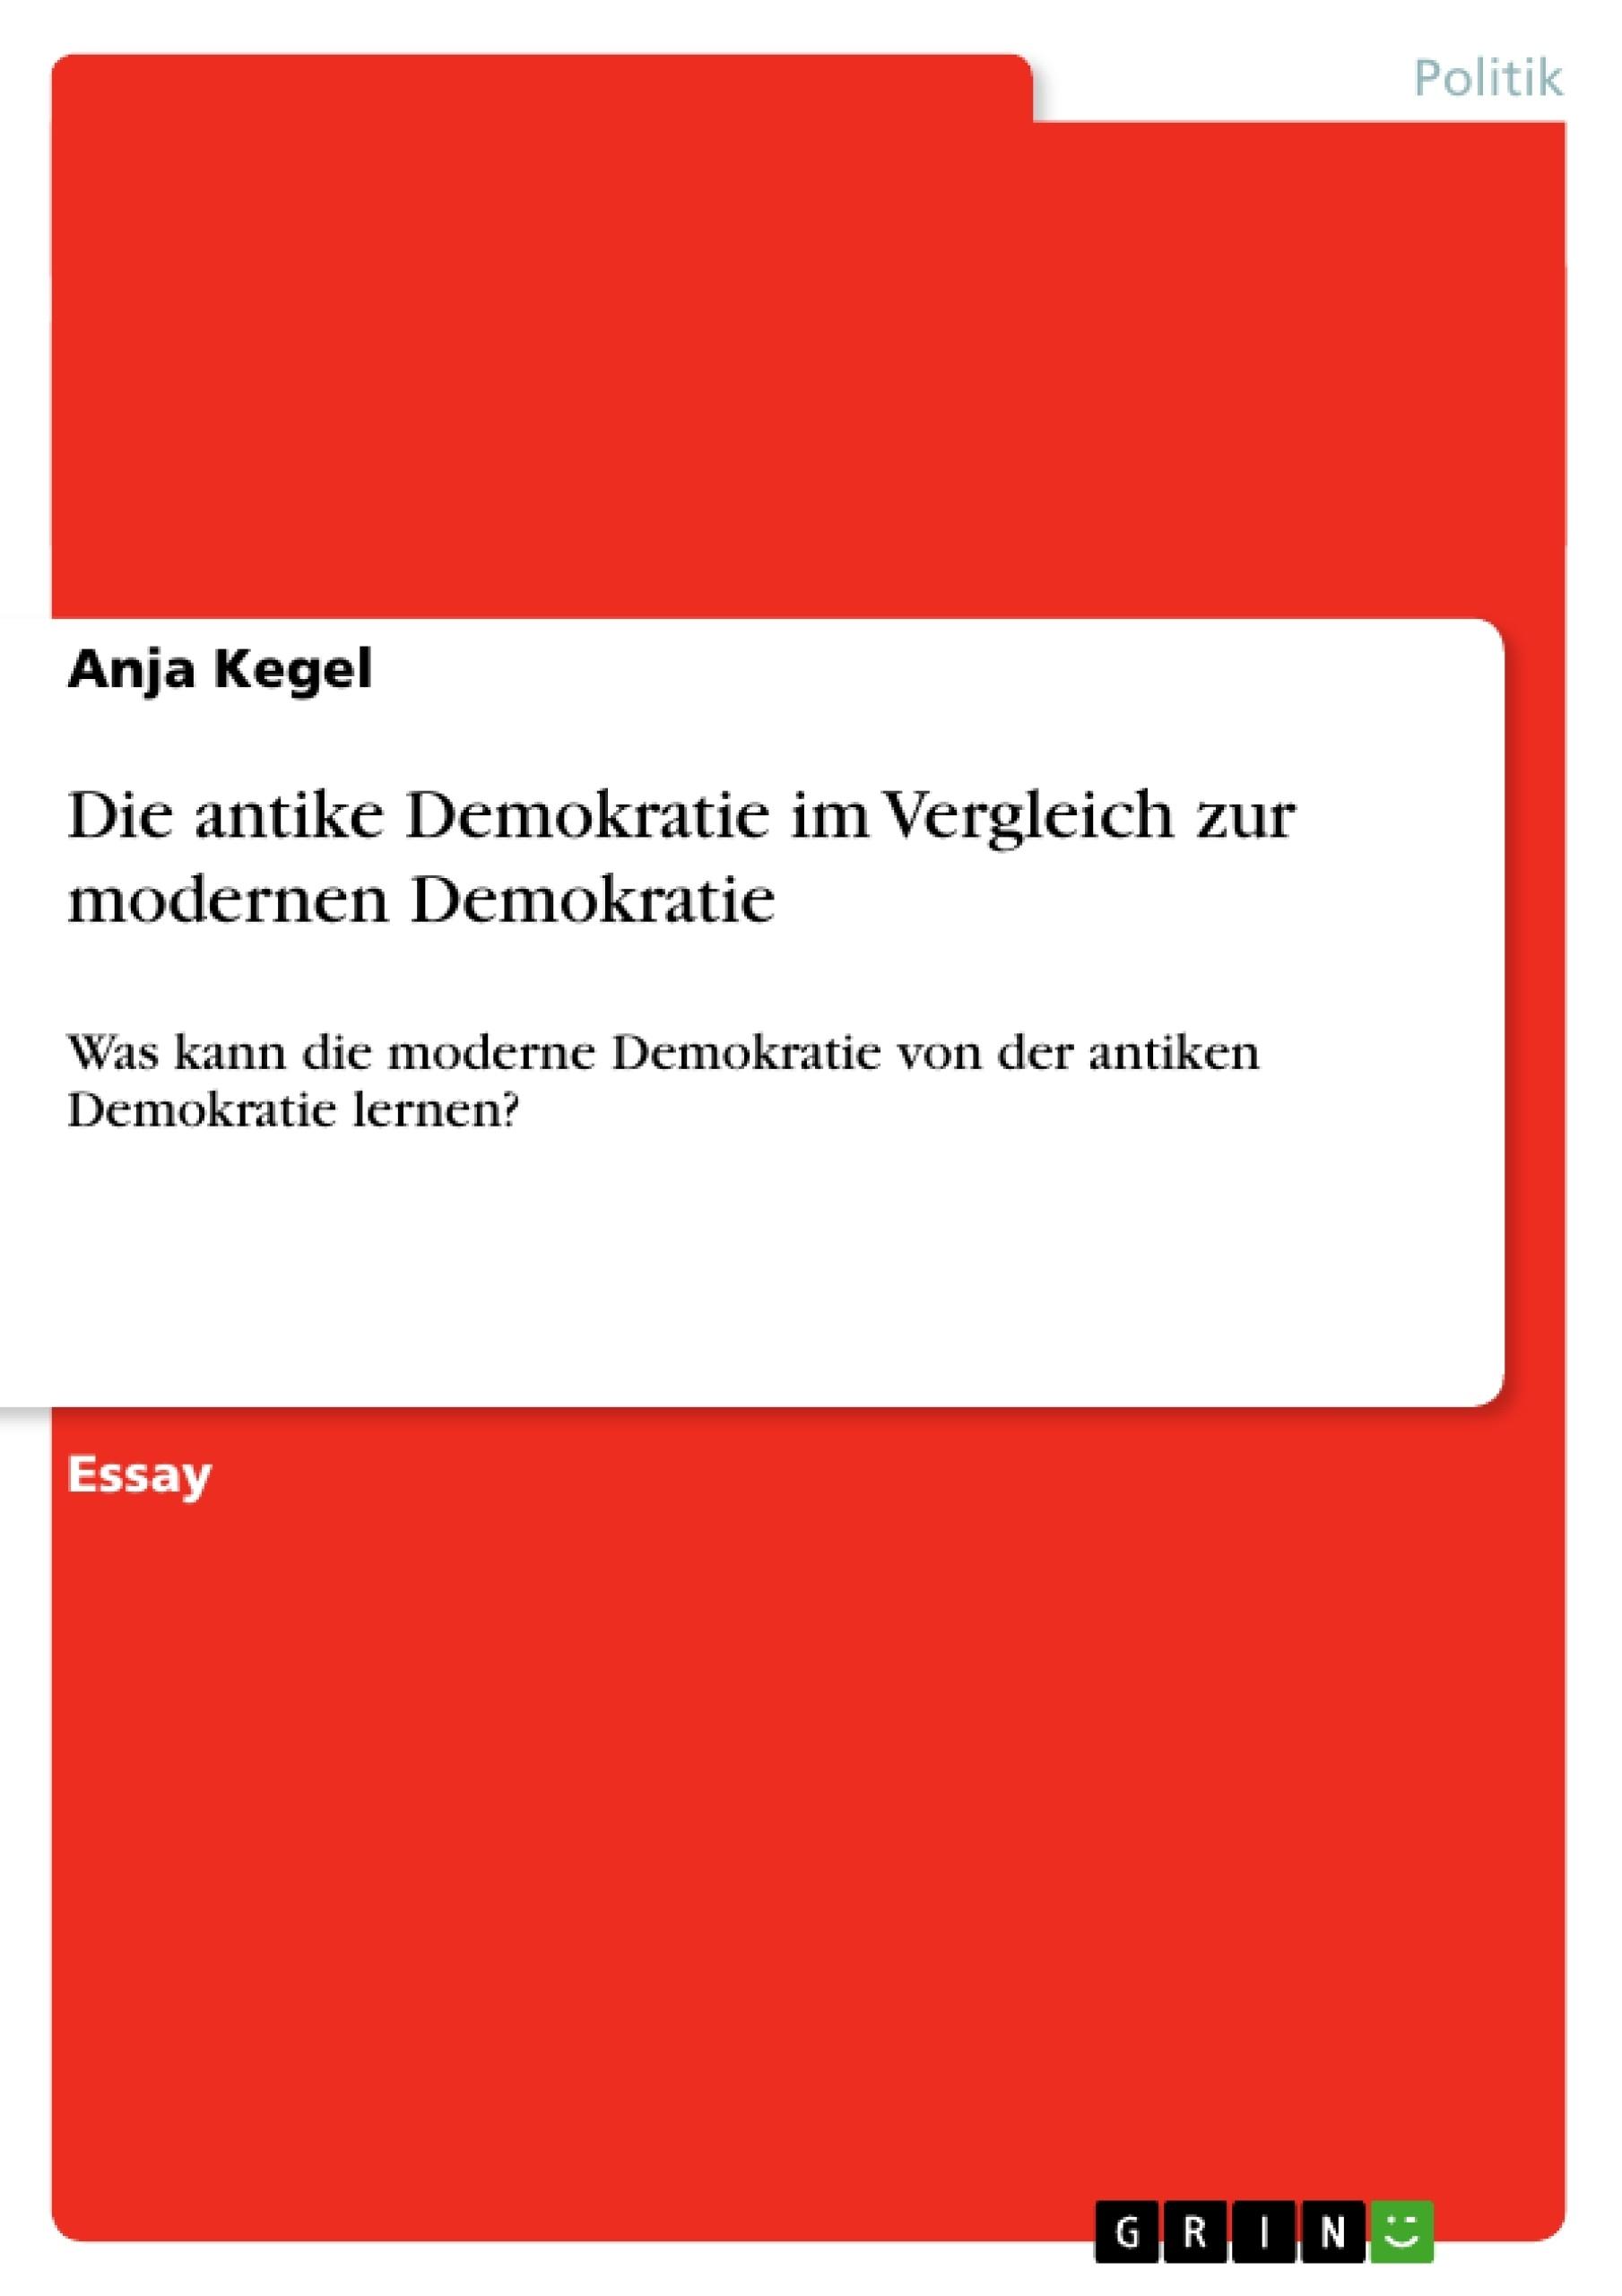 Titel: Die antike Demokratie im Vergleich zur modernen Demokratie